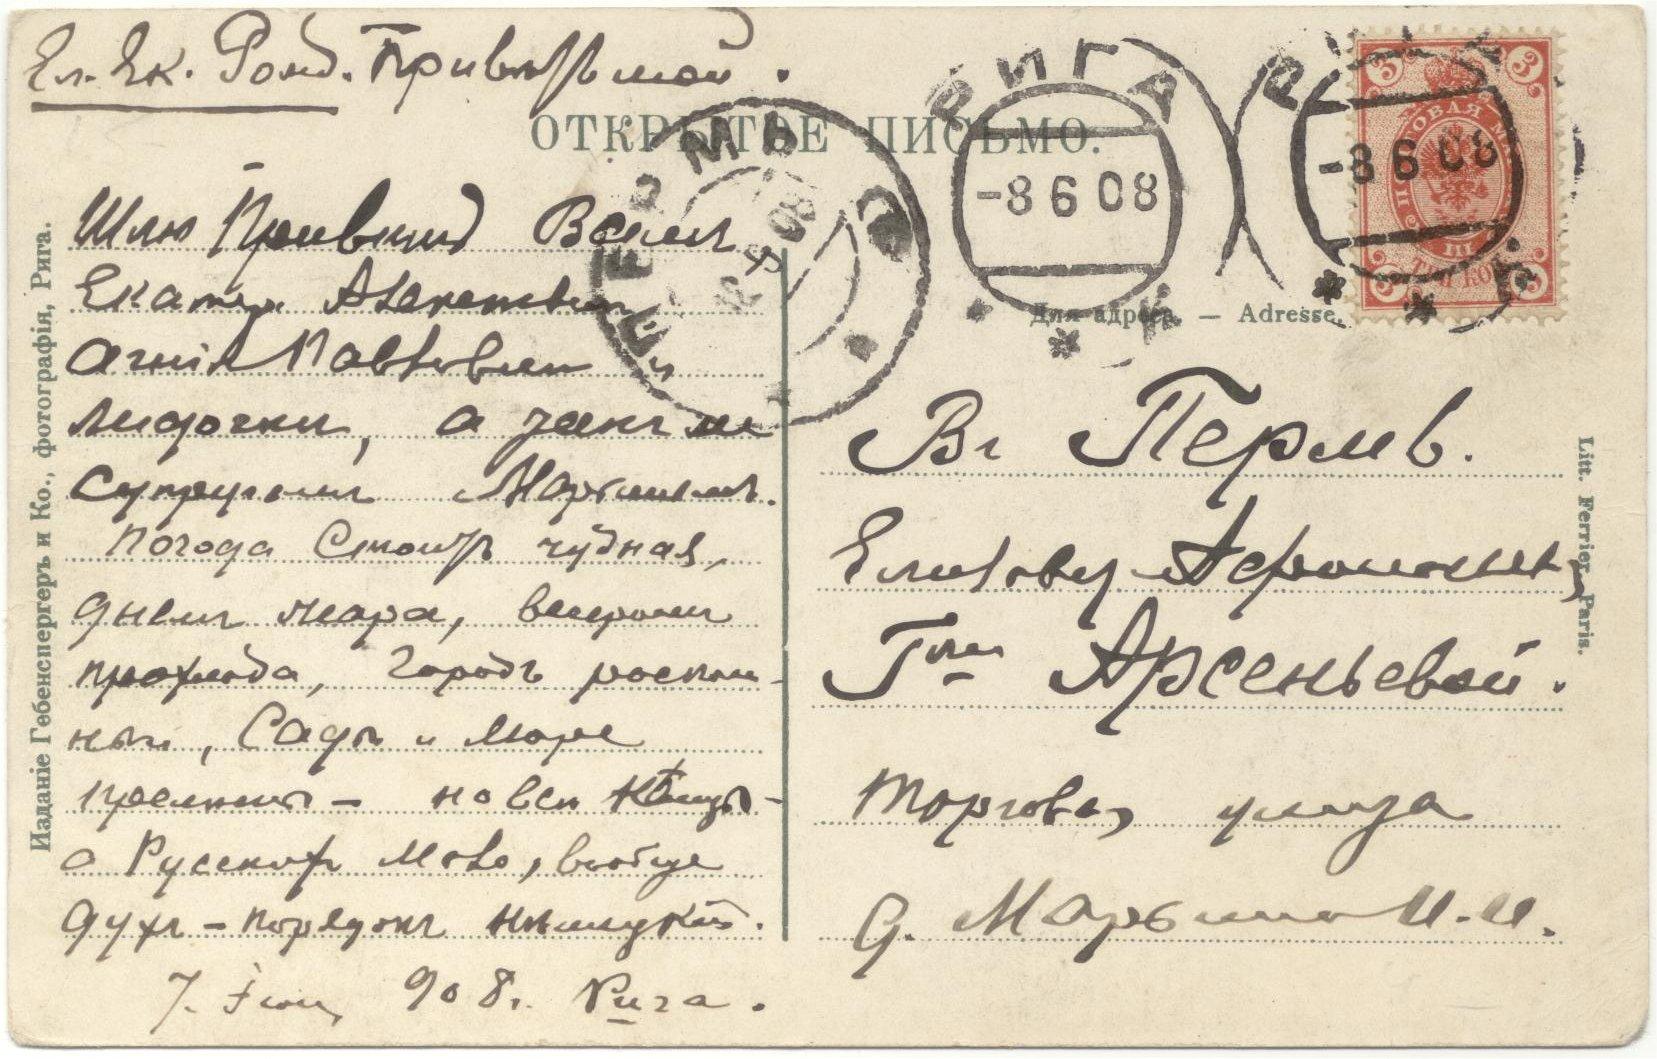 De adreszijde van de kaart met het aankomststempel van Perm. Het gebruikte stempel van Riga is een dubbelringstempel, serieletter k.  De boodschap: Ze hebben een heerlijke tijd, fantastisch weer, het is mooi overal, tuinen, zee noem maar op. En aan iedereen de groeten!